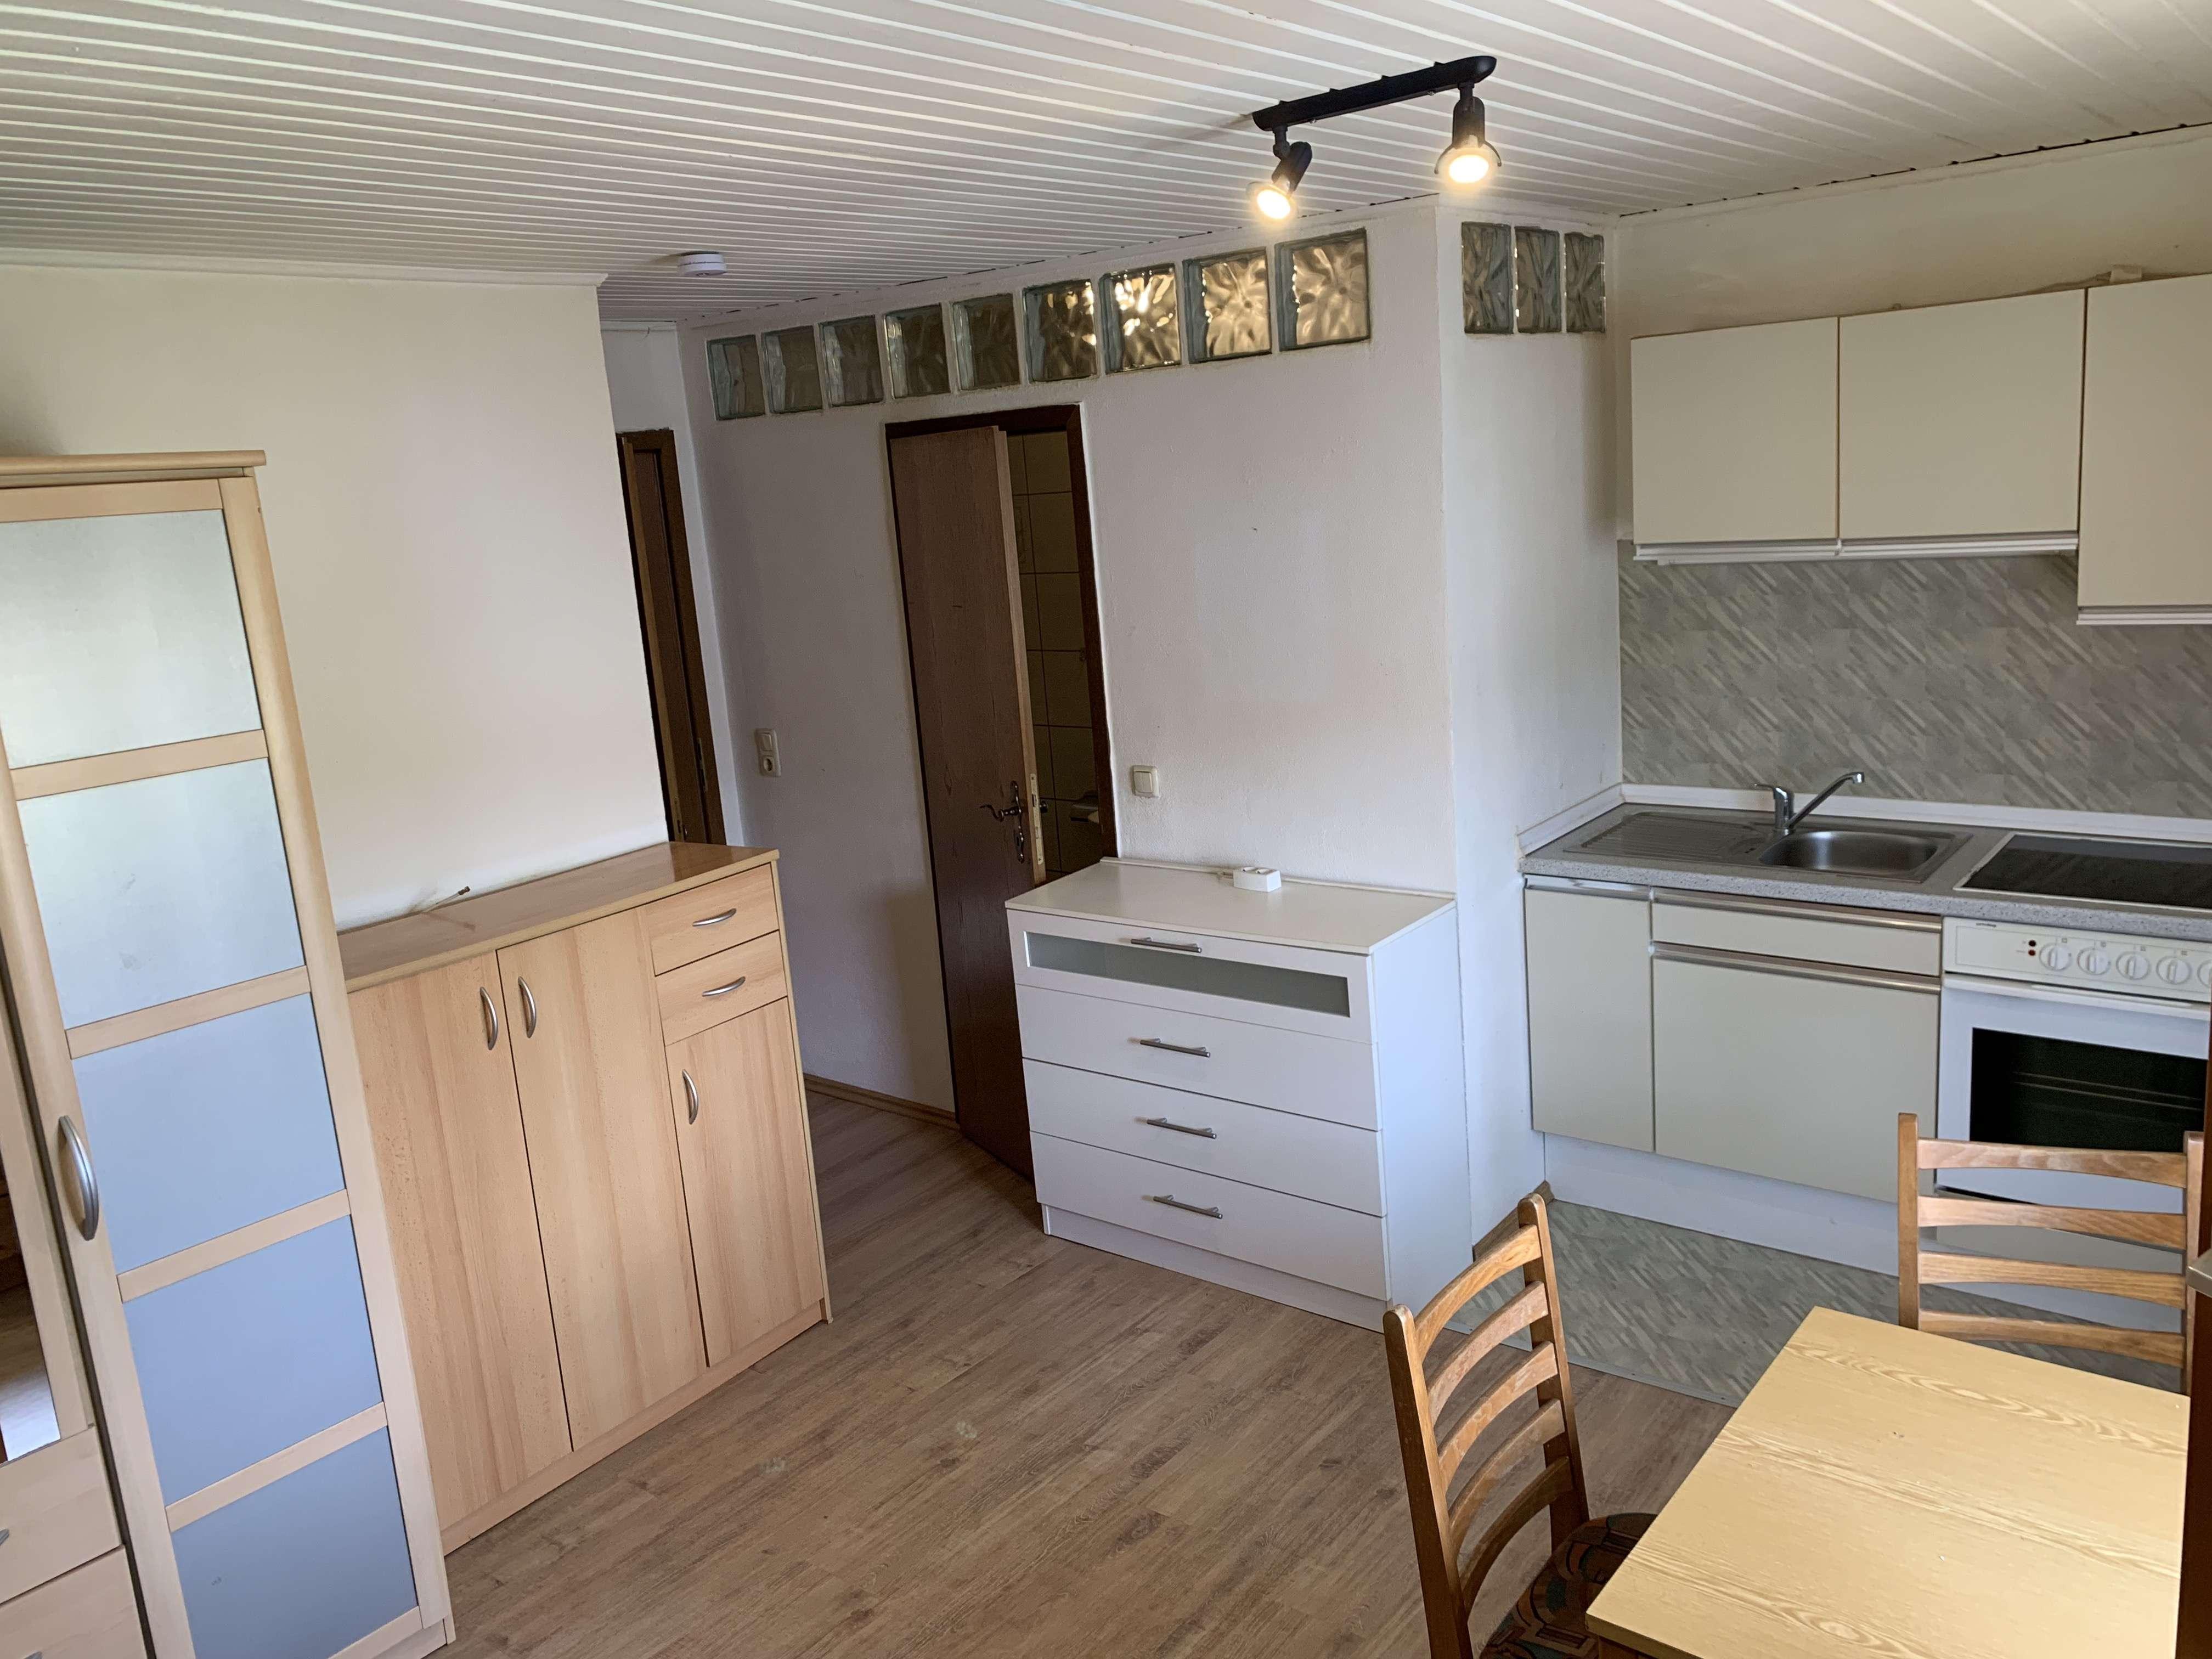 Einzimmerwohnung (möbliert) im Obergeschoss in Dietersdorf zu mieten in